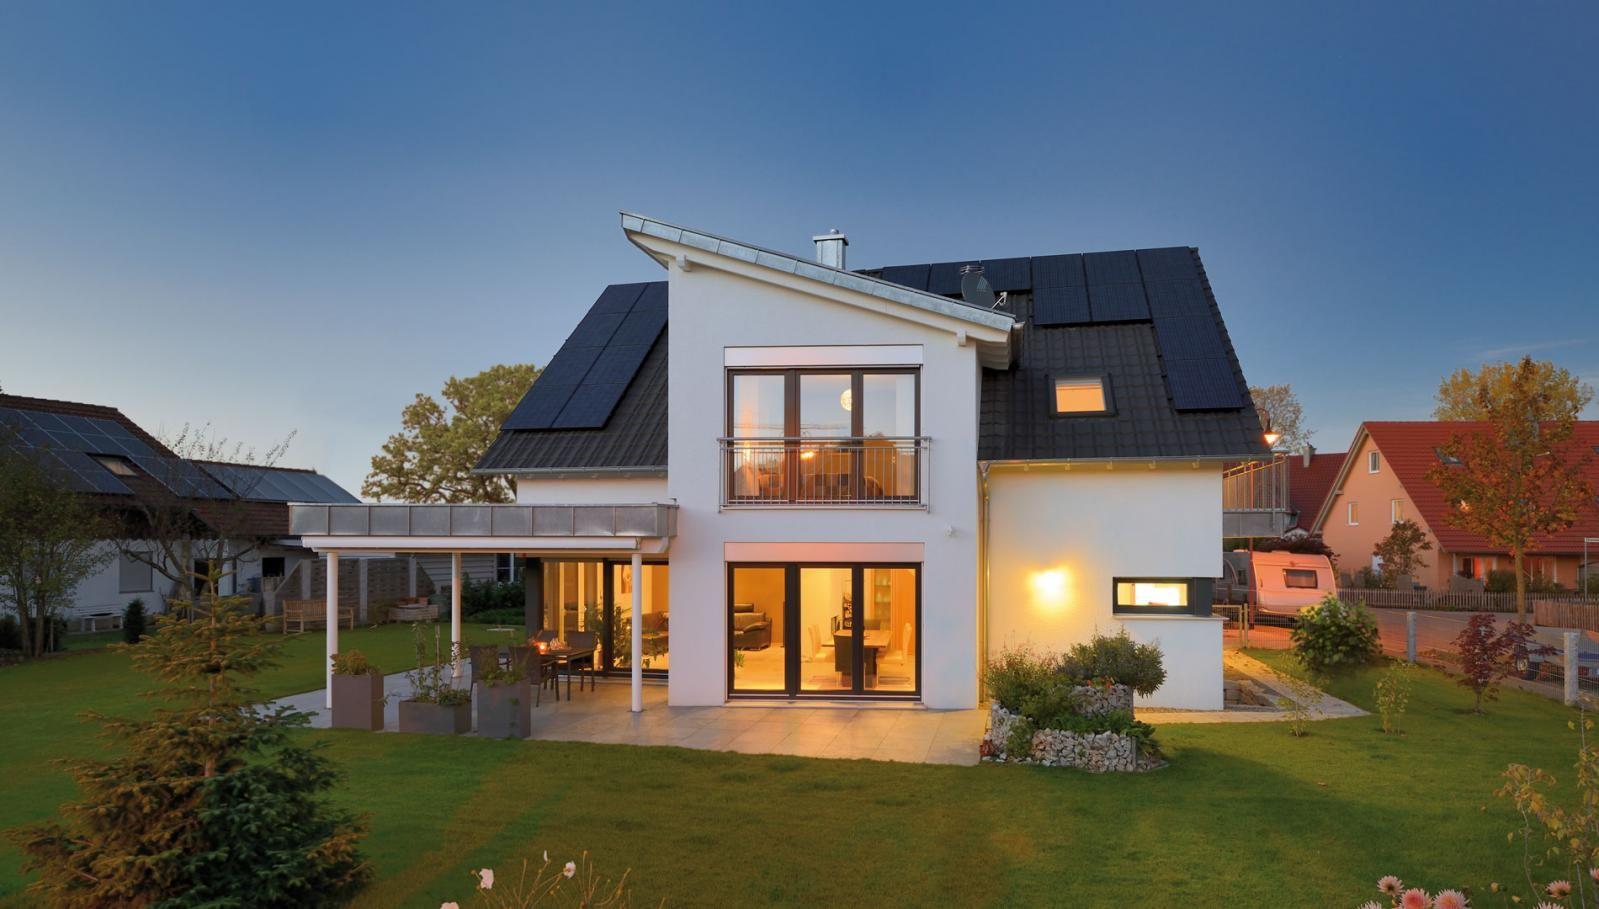 新农村 二层现代别墅设计图 途墅之家新式 , 高效能 通透性优良, 星空